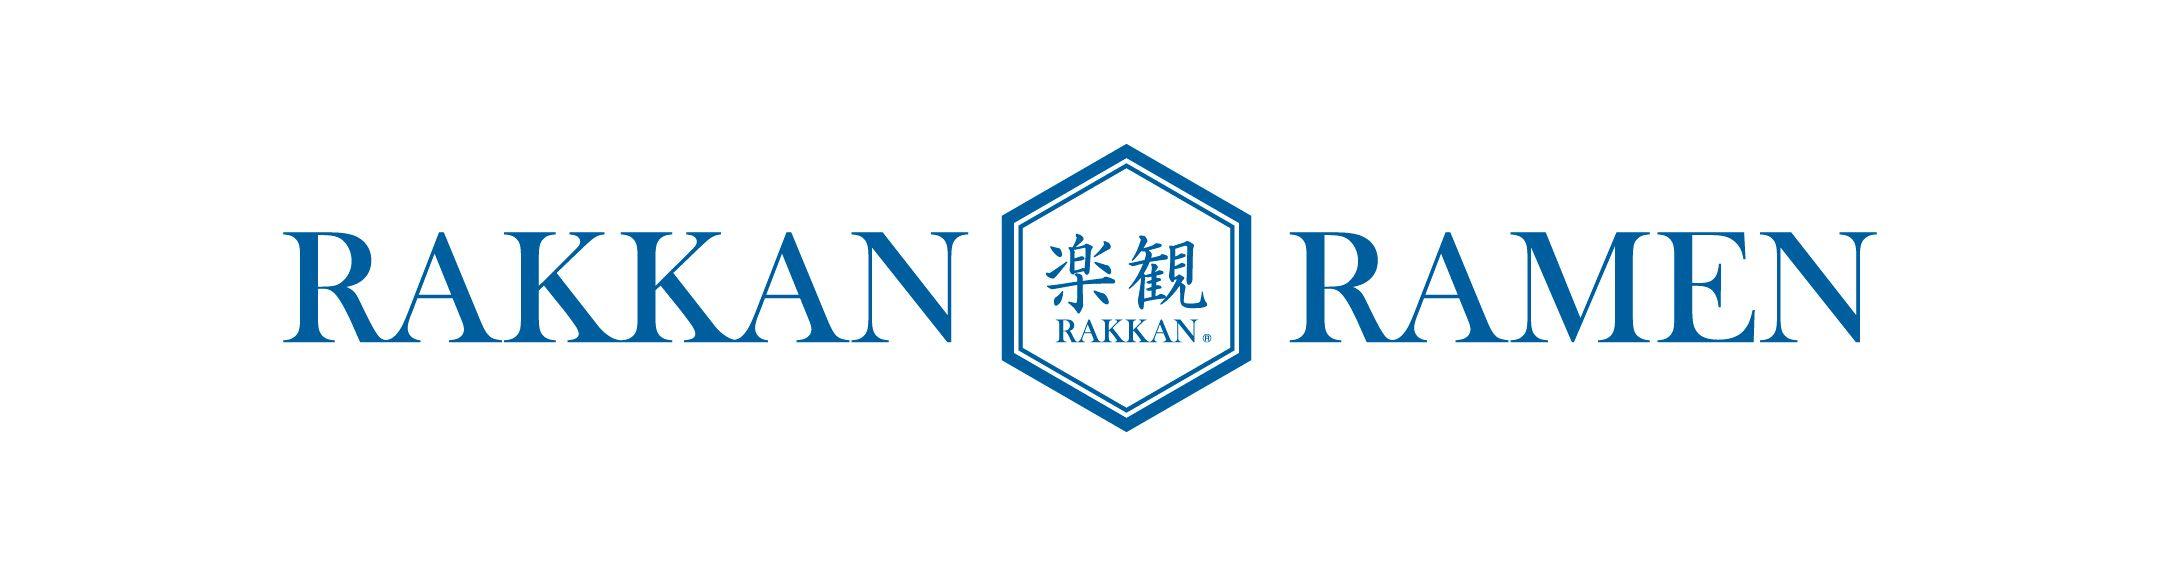 Rakkan Ramen